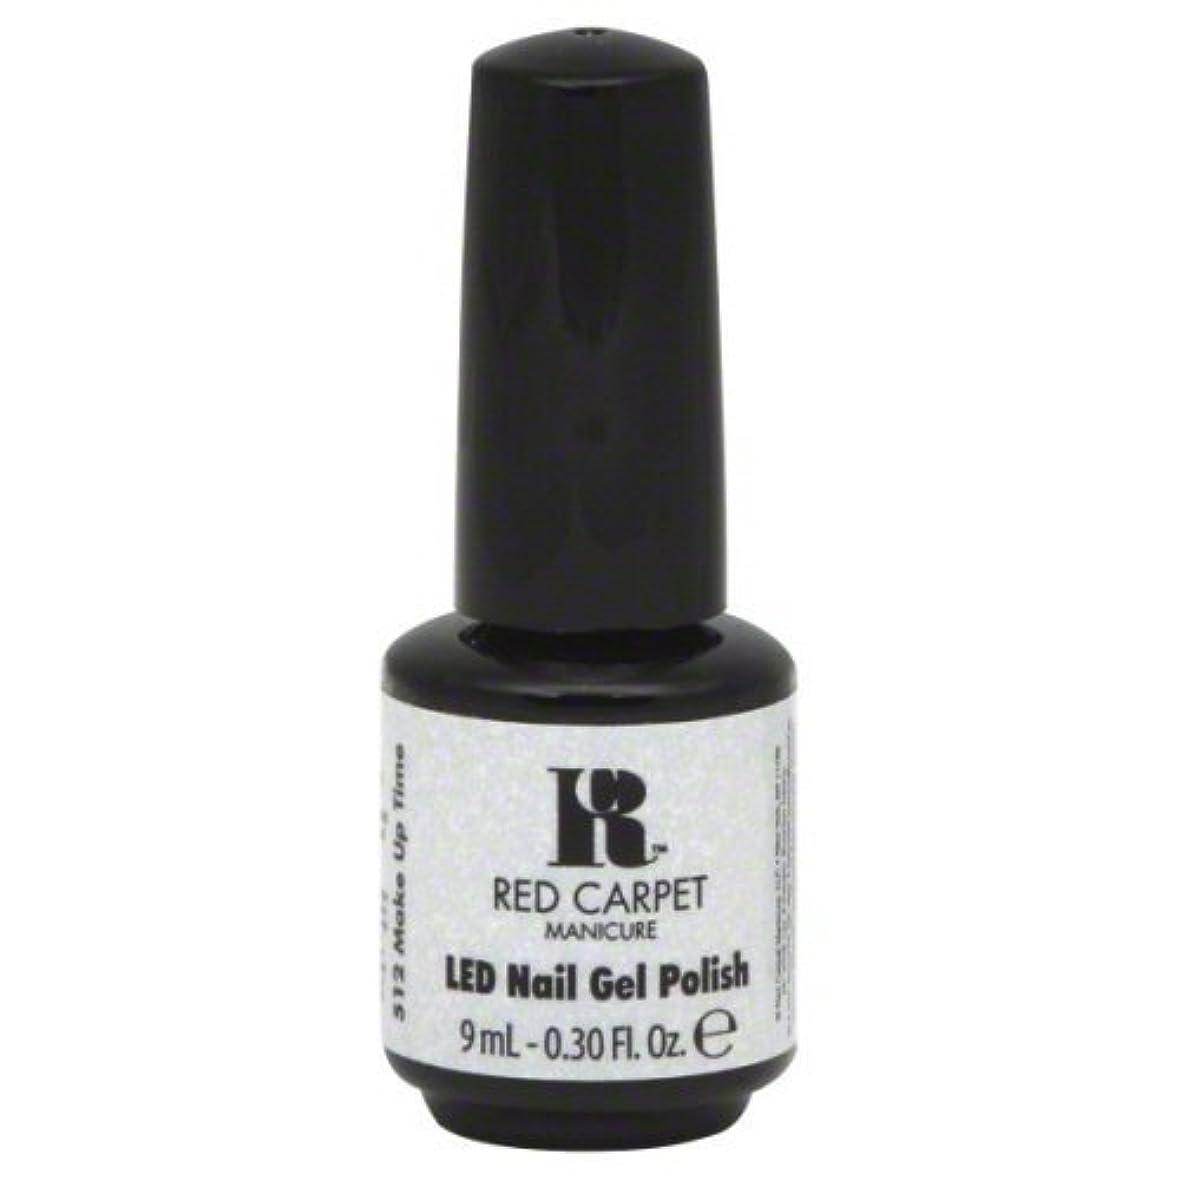 胚芽悪い適用済みRed Carpet Manicure Gel Polish, Make Up Time, 0.3 Fluid Ounce by Red Carpet Manicure [並行輸入品]